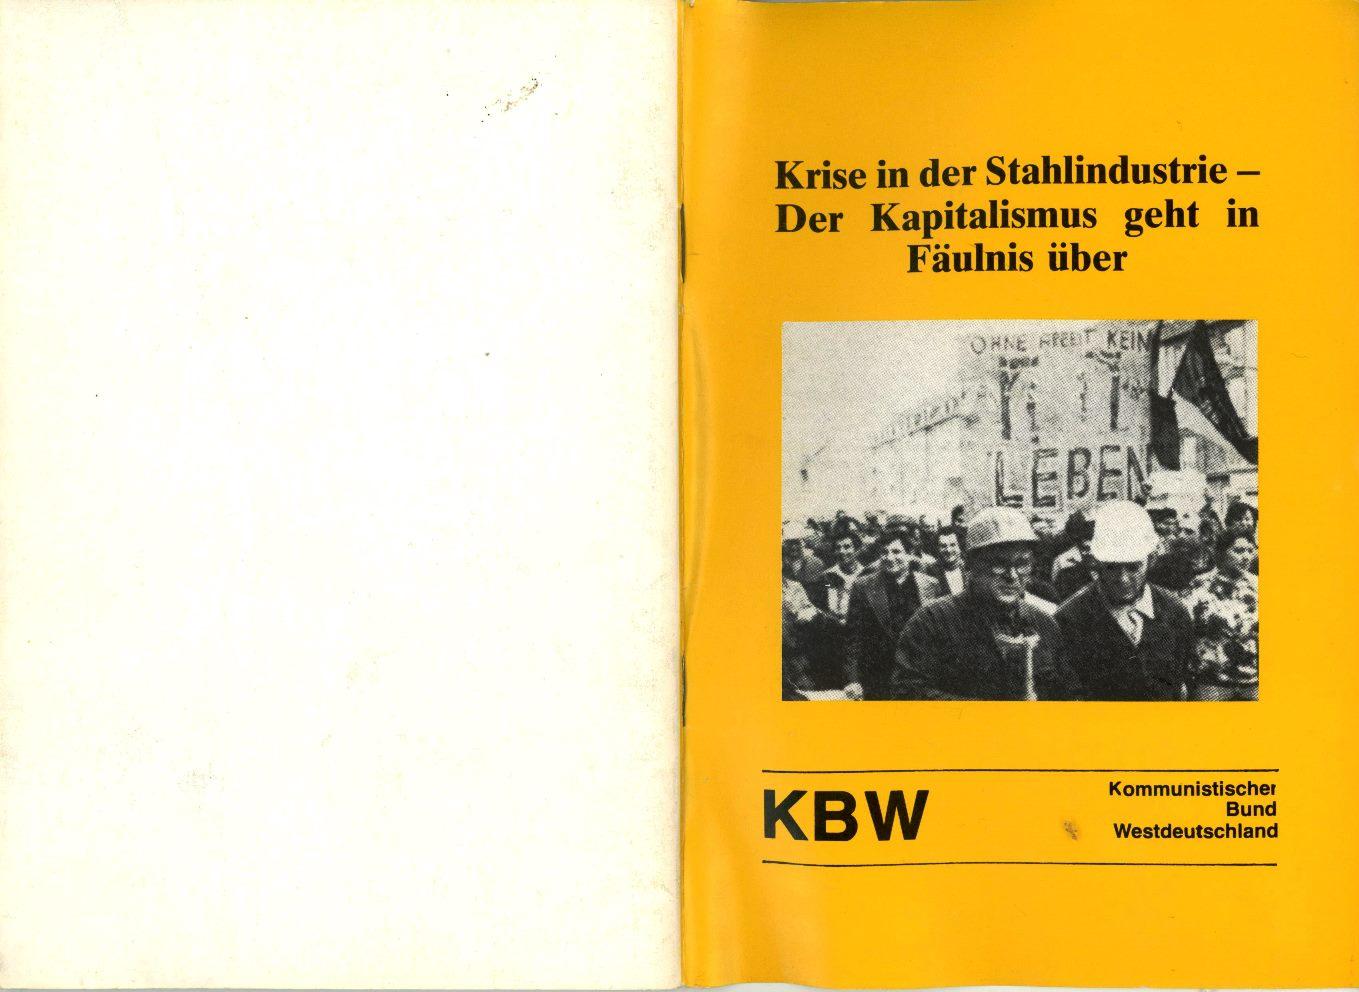 IGM_KBW_Krise_in_der_Stahlindustrie_1977_01